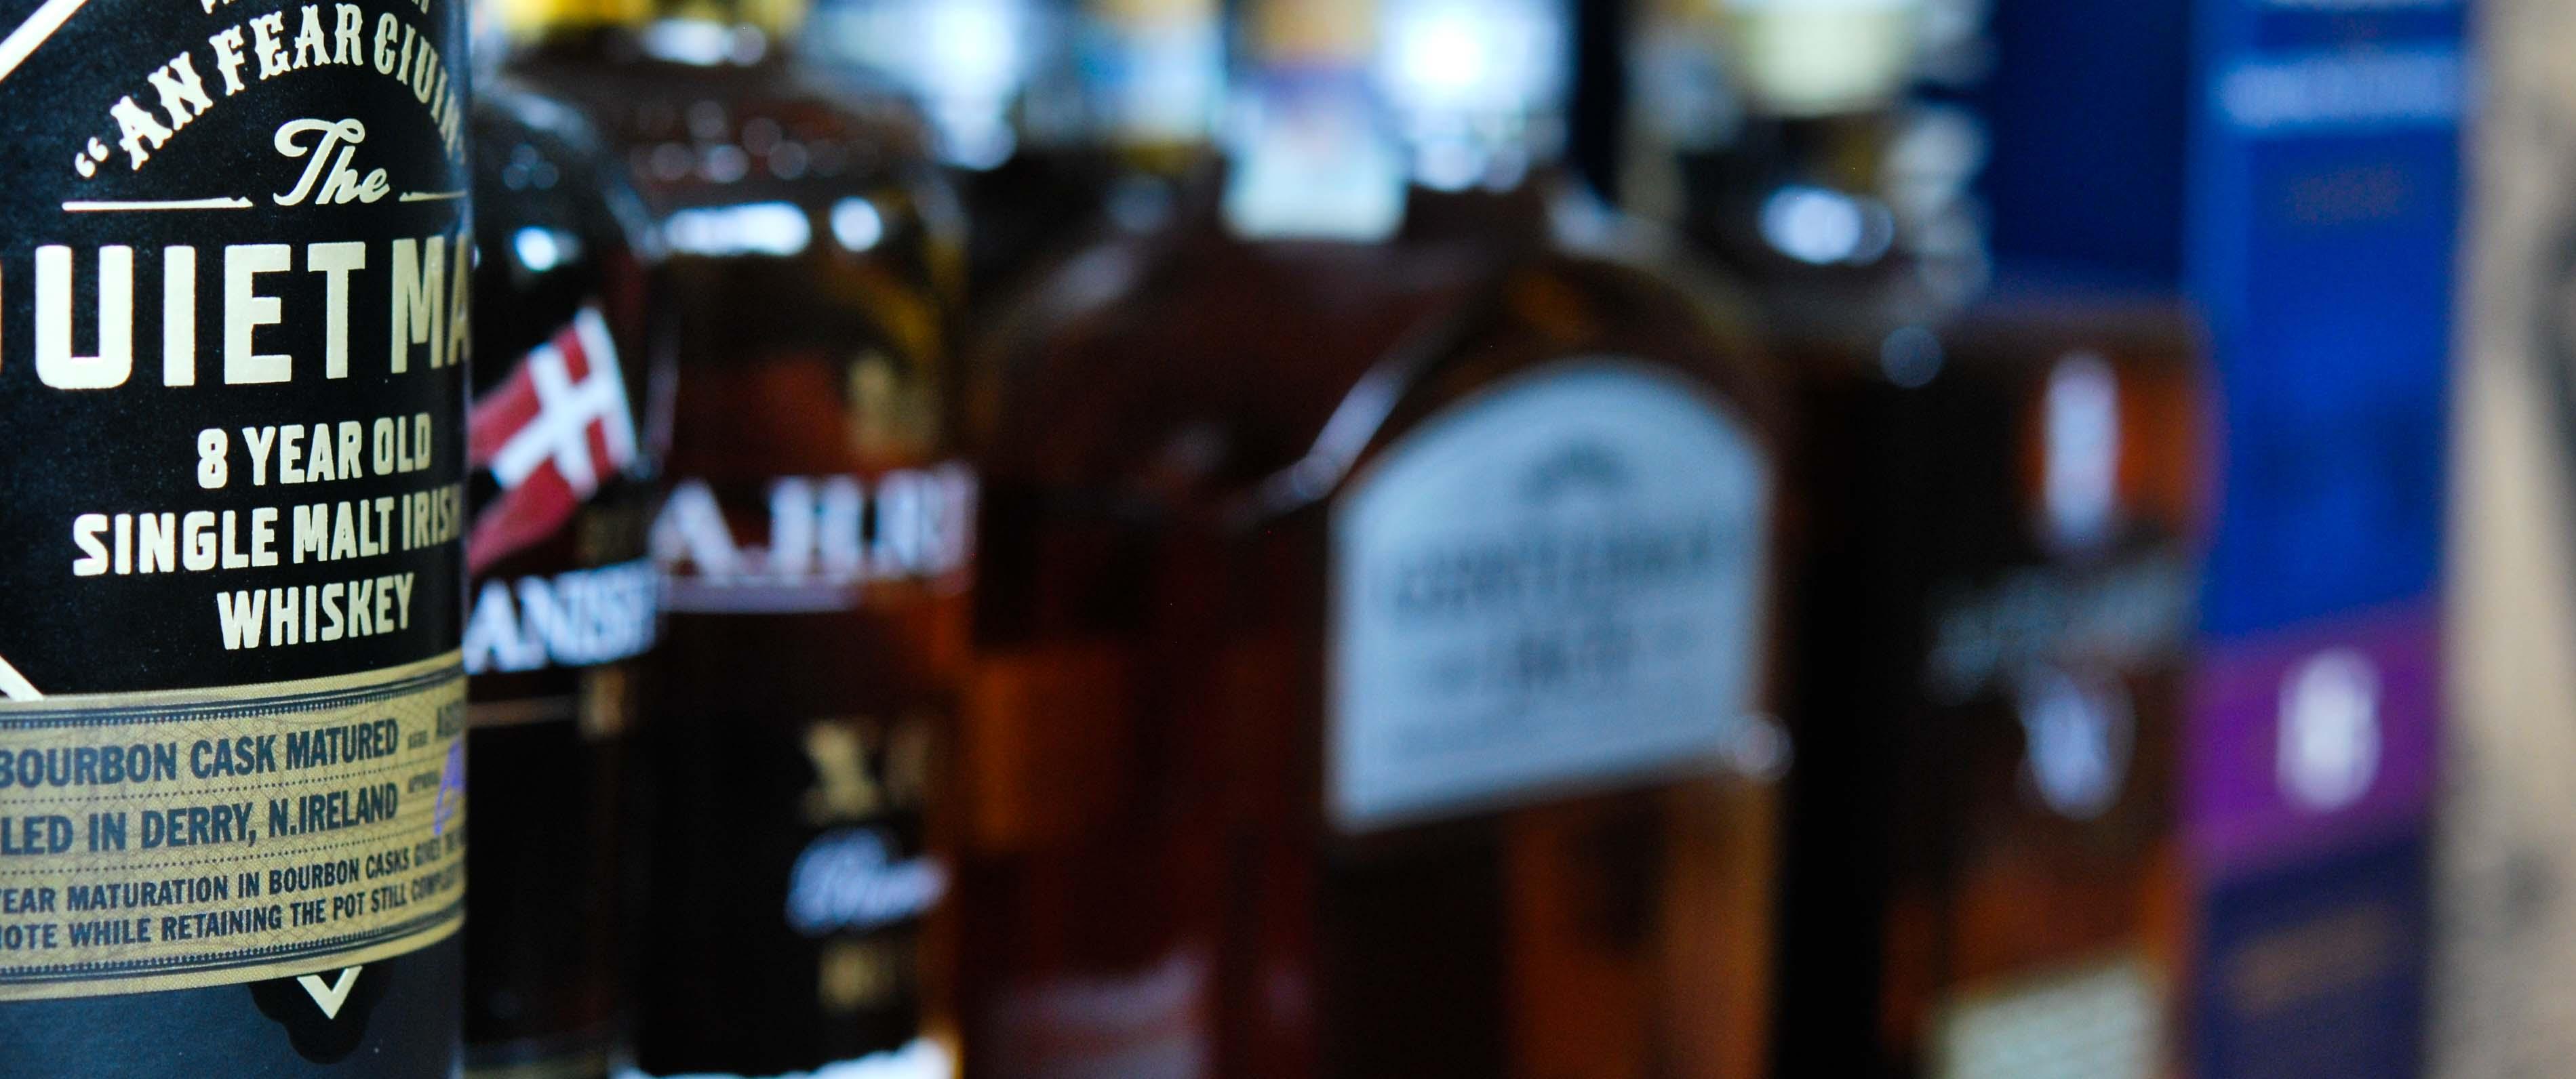 Dobrá whisky Dobrý rum - proč ne?